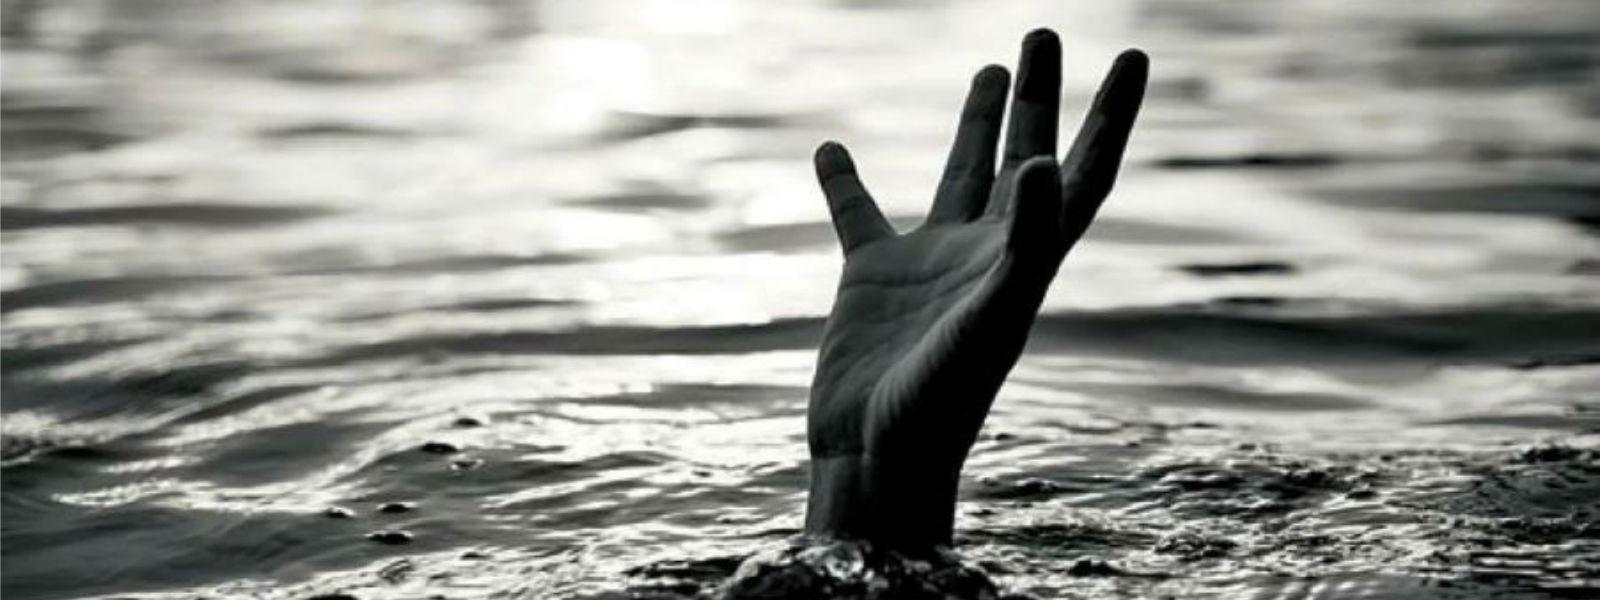 கோமரங்கடவல – மதவாச்சி குளத்தில் மூழ்கி 4 மாணவர்கள் உயிரிழப்பு